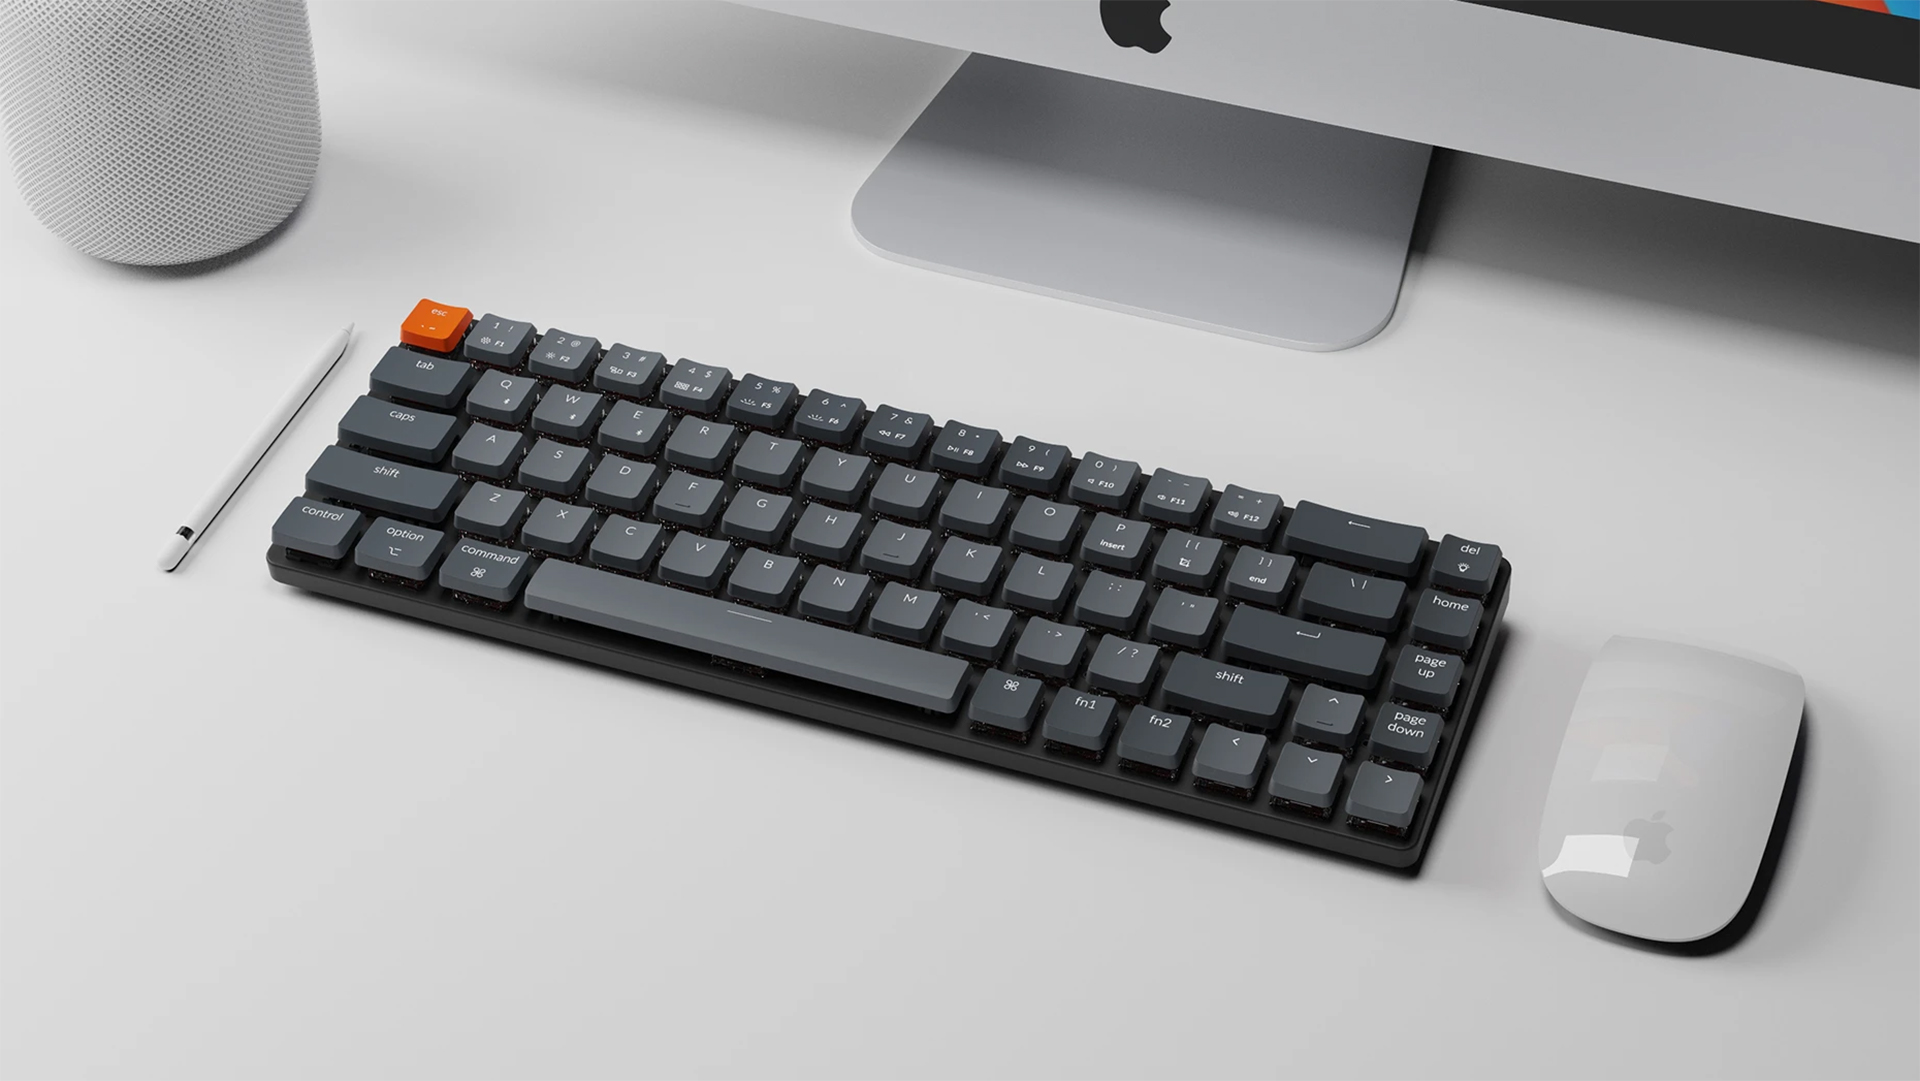 超薄型の65%キーボード「Keychron K7」がKickstarterに登場!64ドルから支援可能